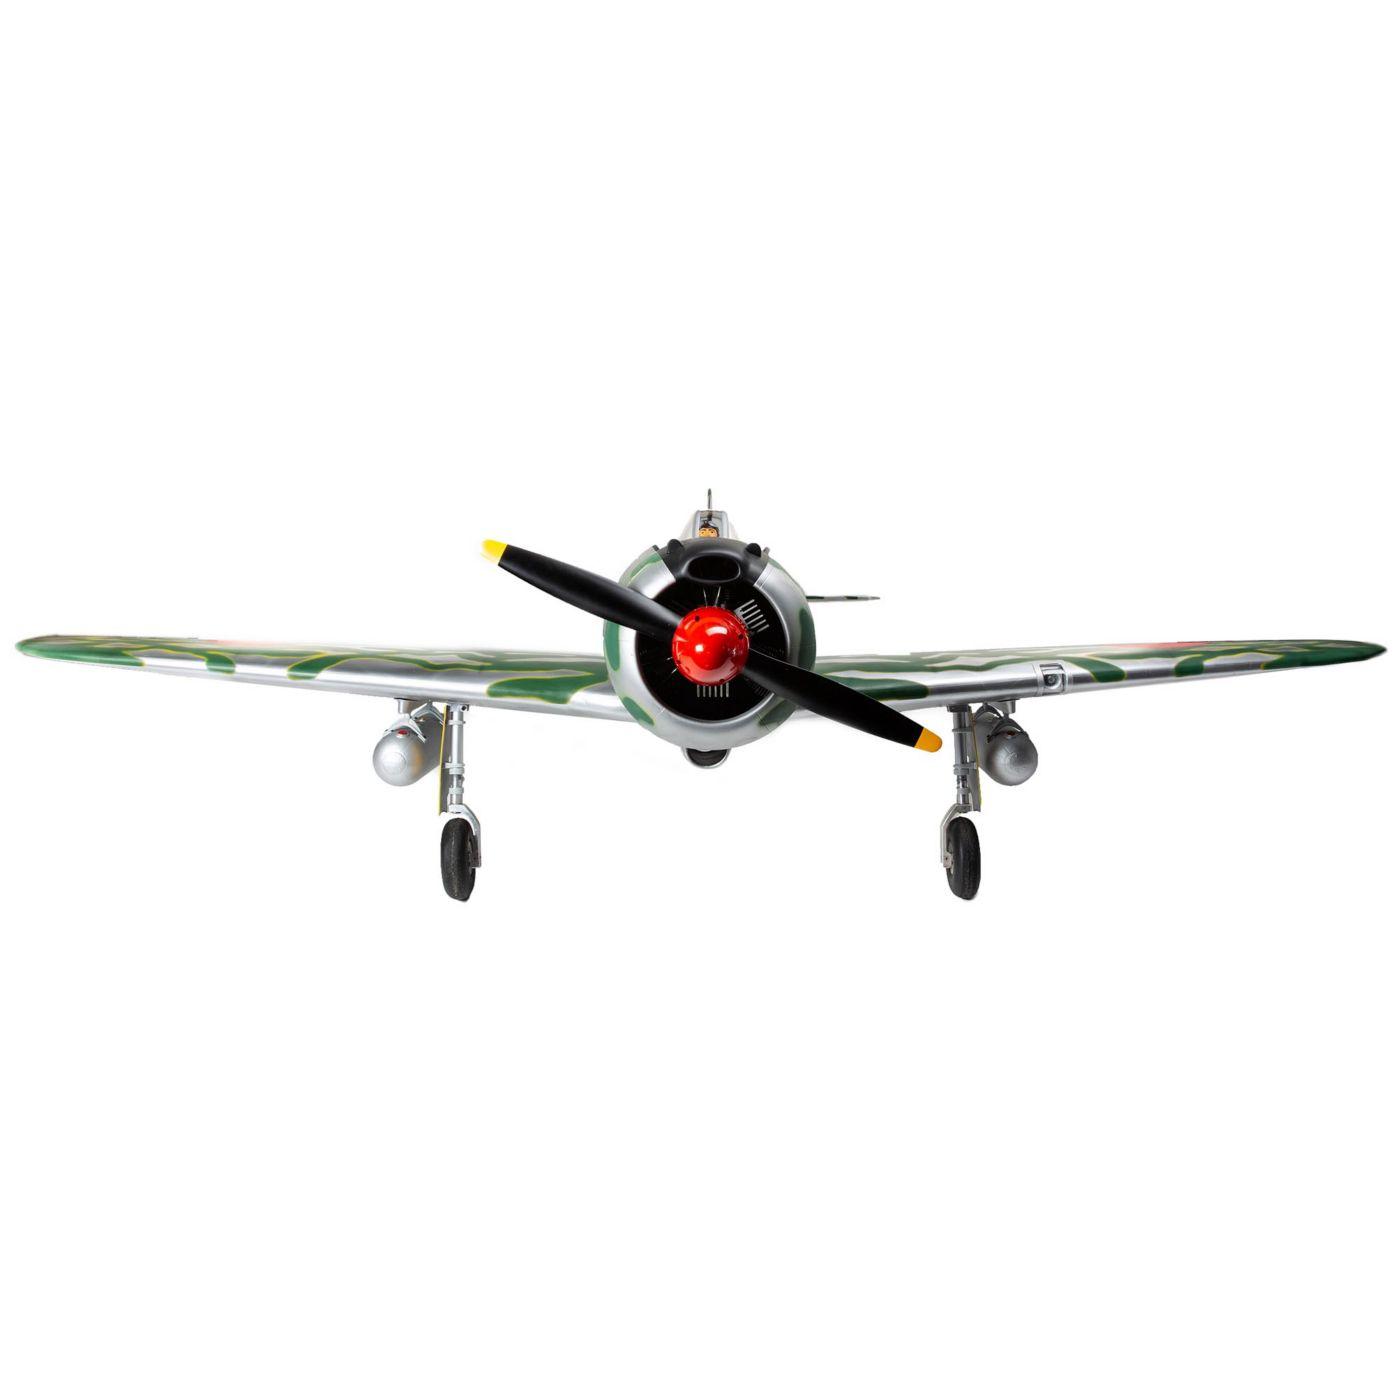 Ki-43 Oscar hangar 9